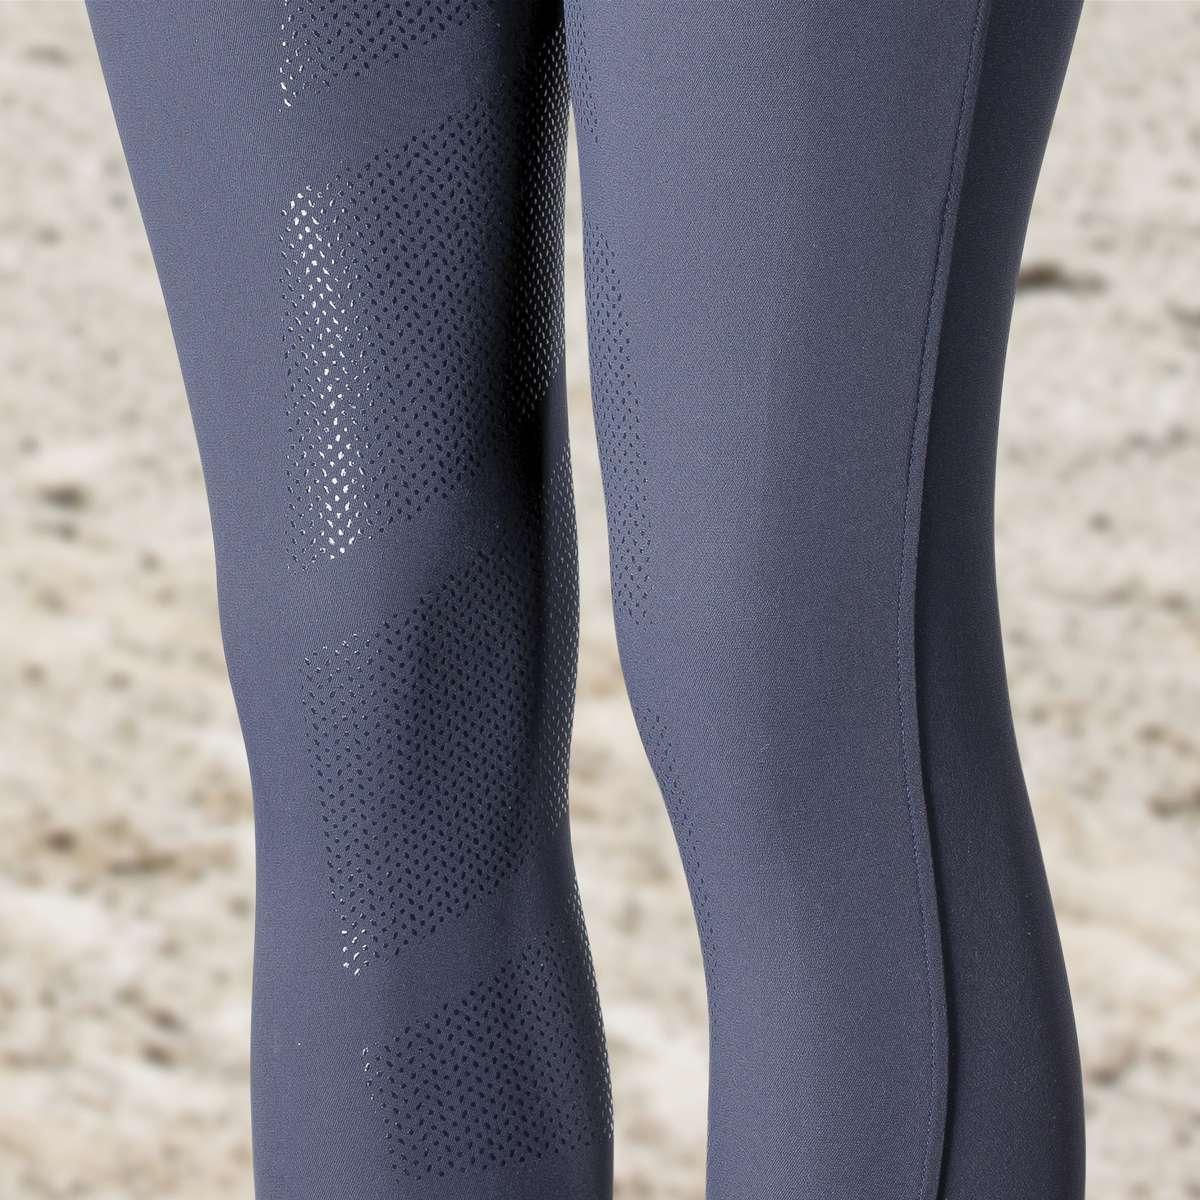 B Vertigo Xandra Femmes BVX Silicone Grip Complet Siège Équitation Culotte